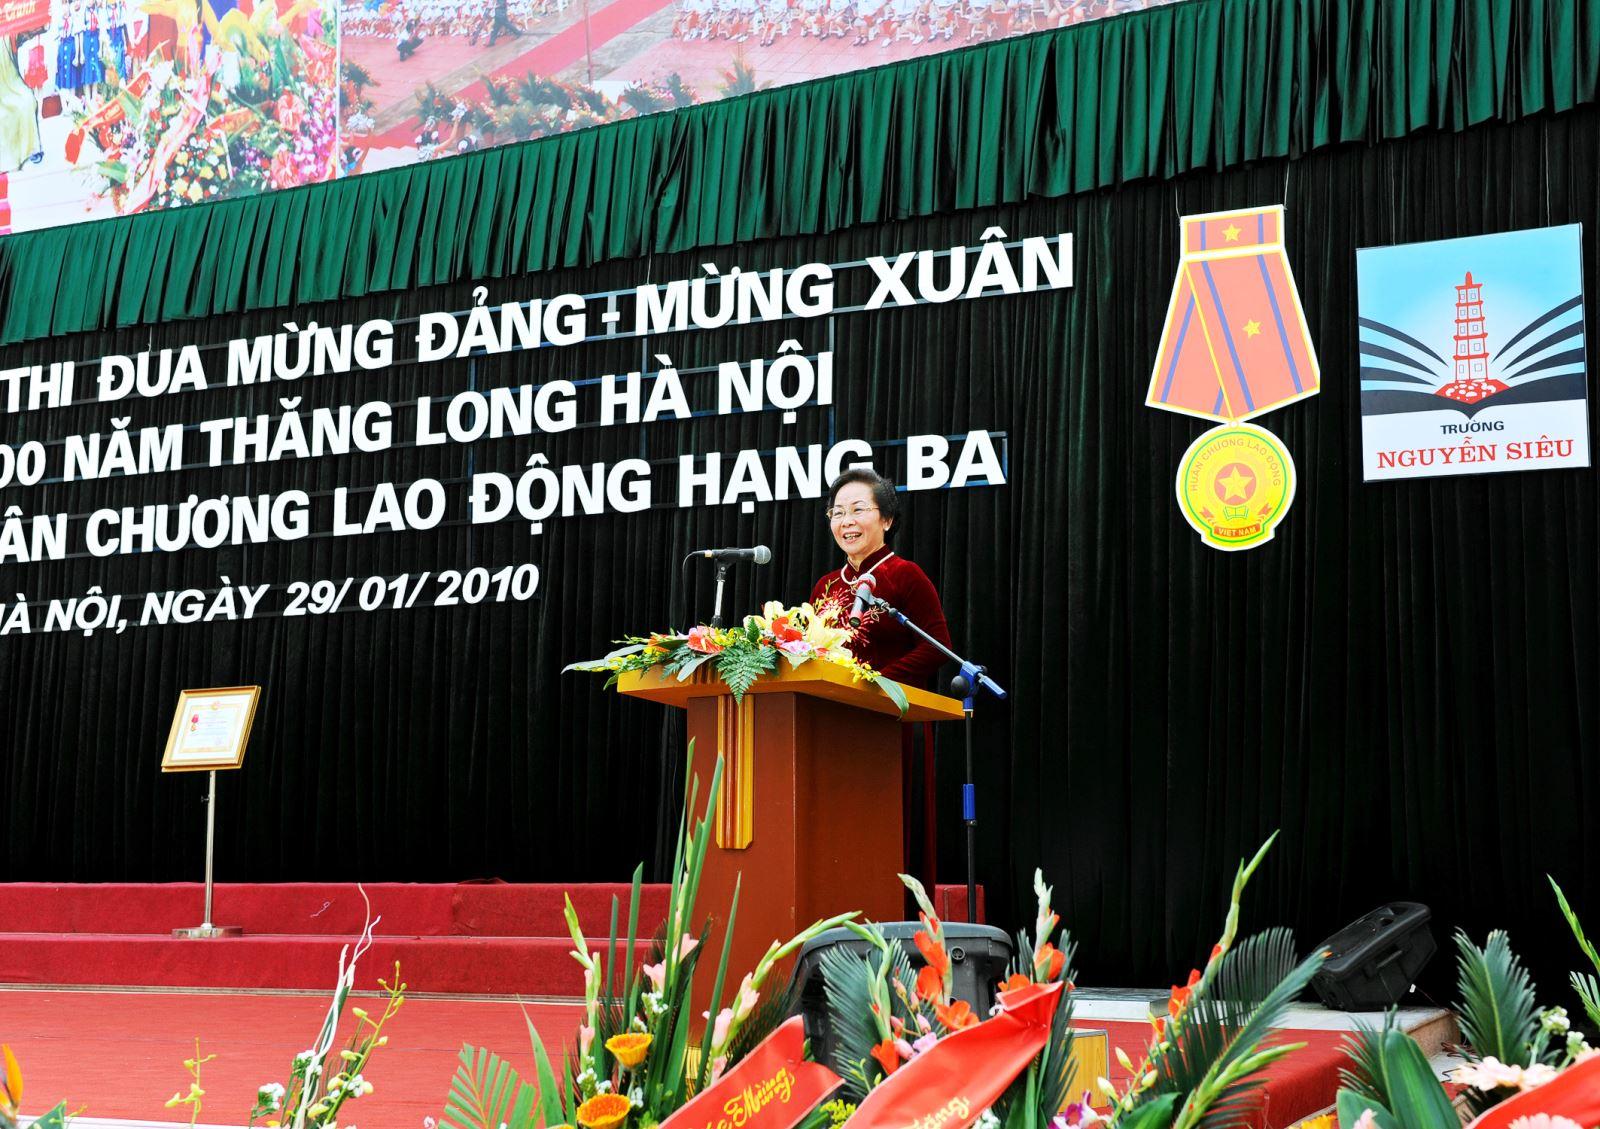 Phát biểu của nguyên Phó Chủ tịch nước Nguyễn Thị Doan